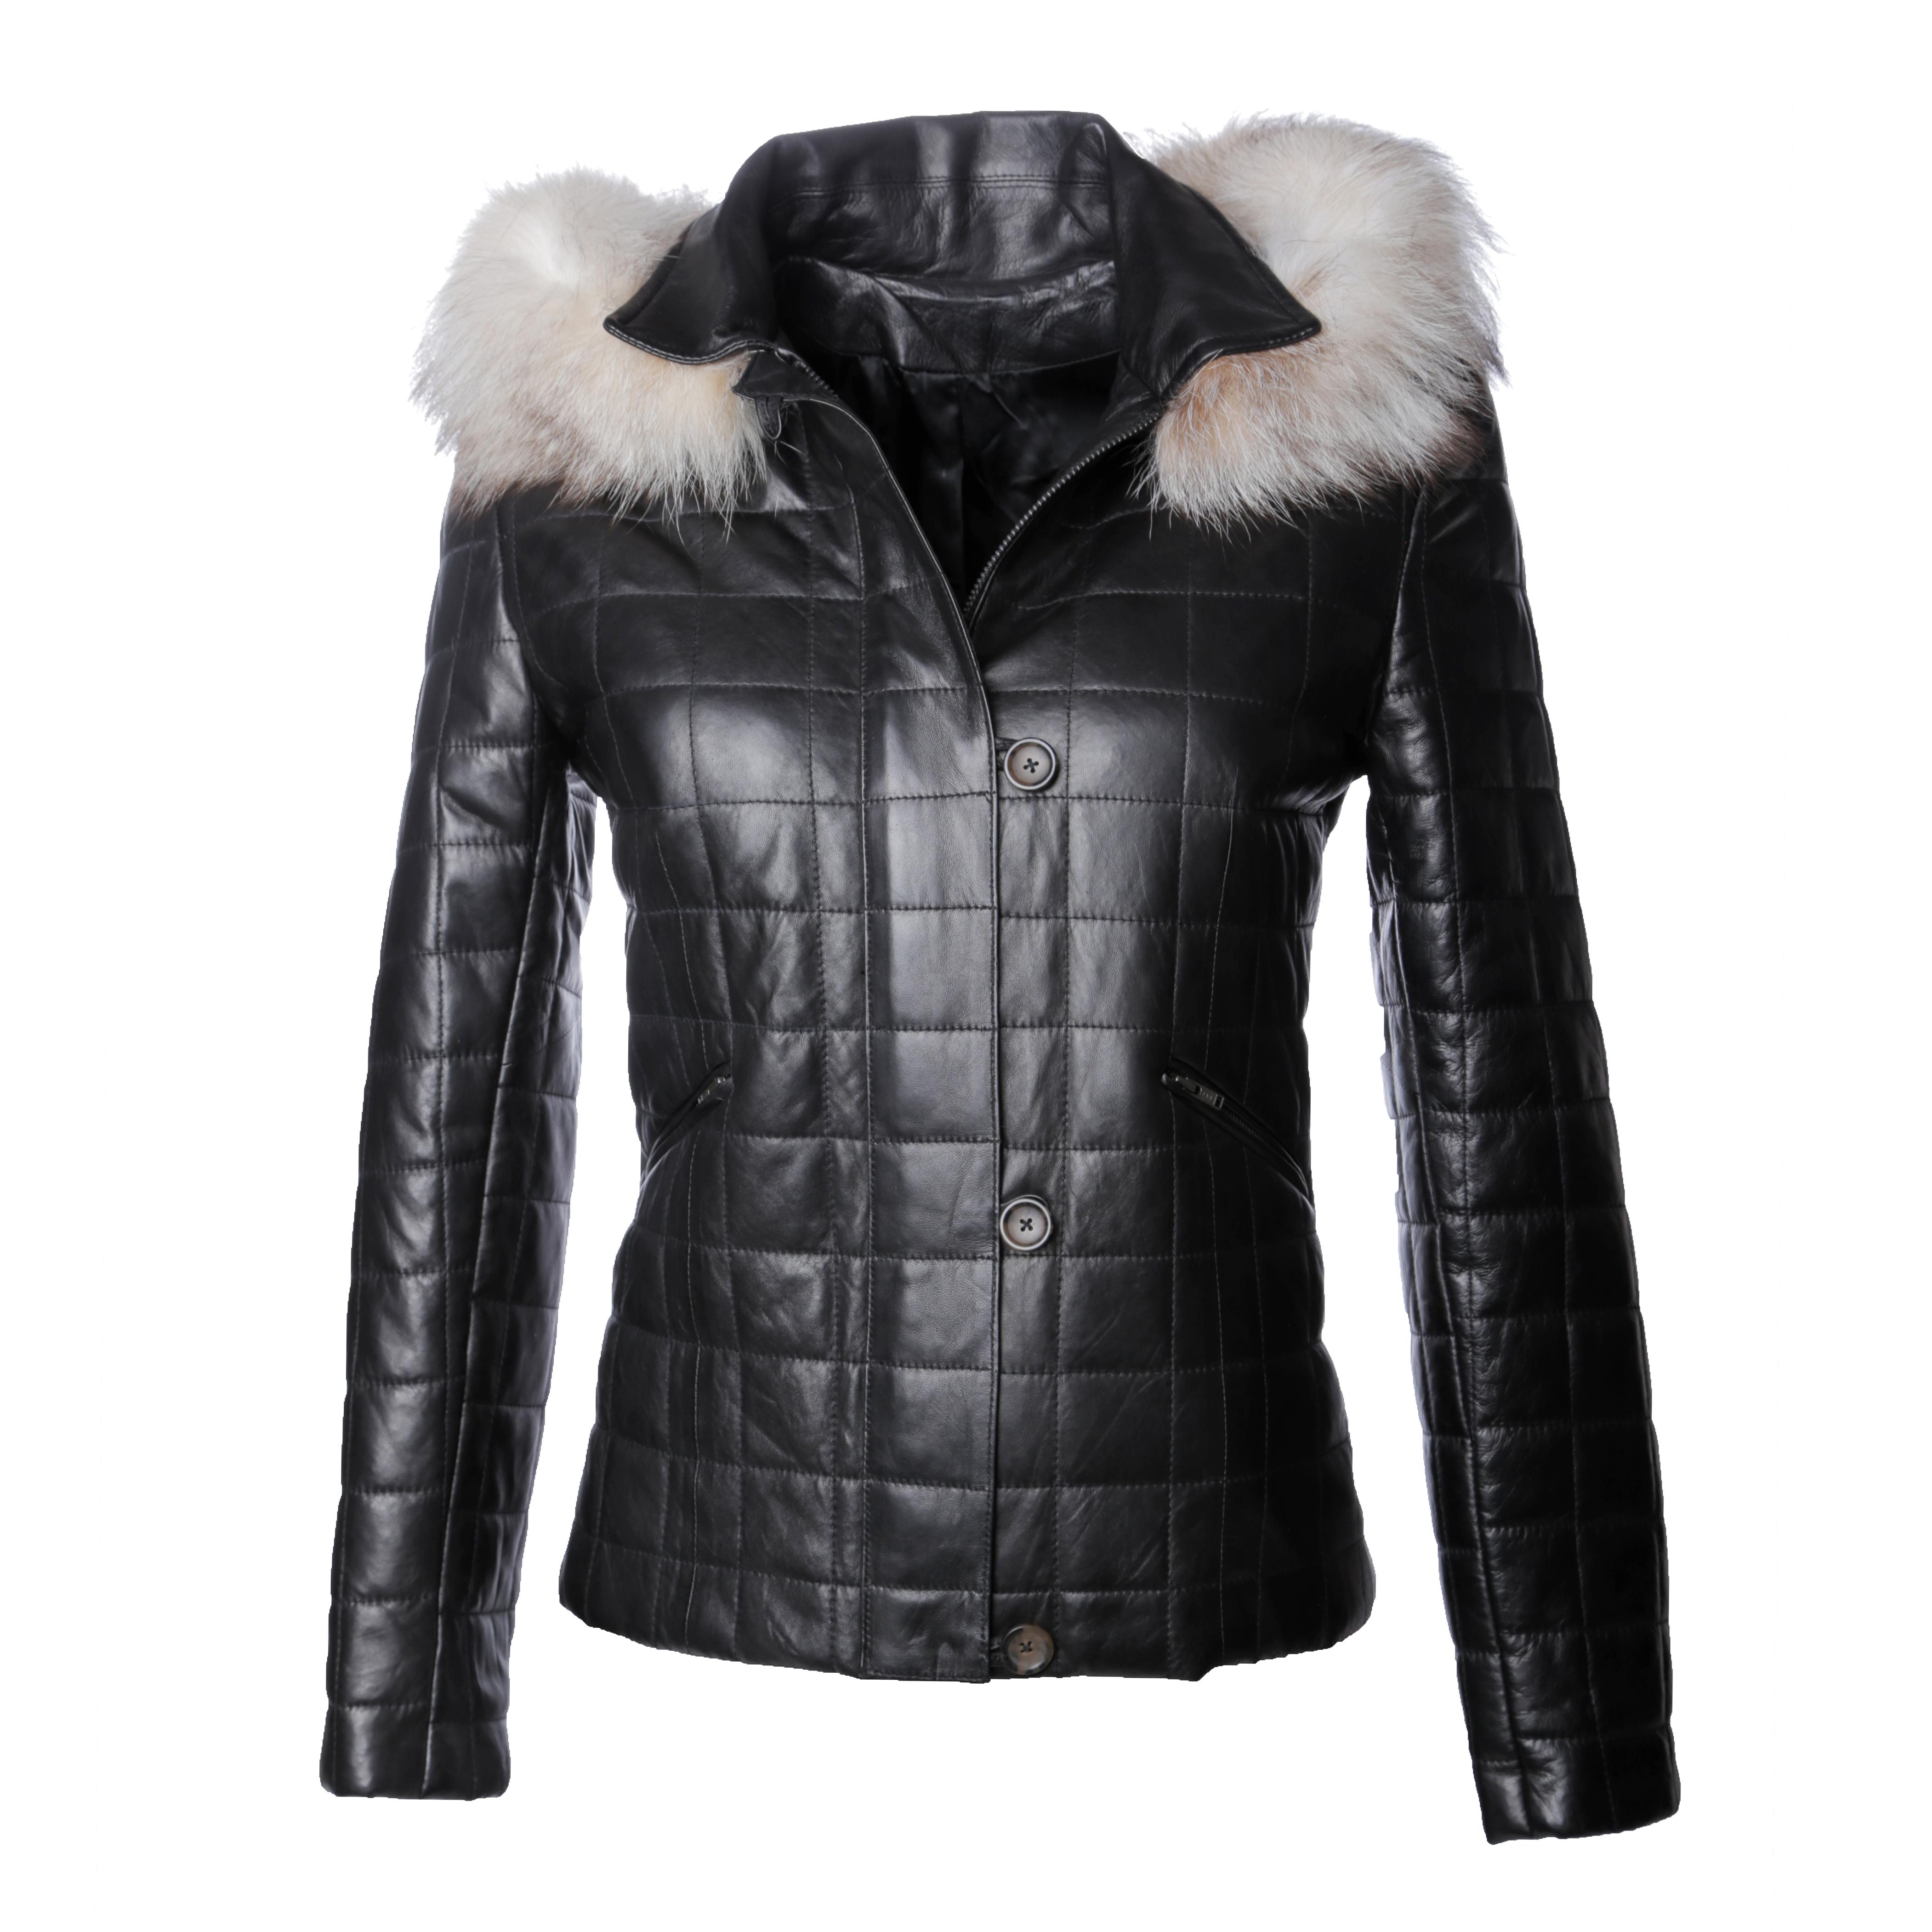 Stella cuir noir et fourrure - 389€